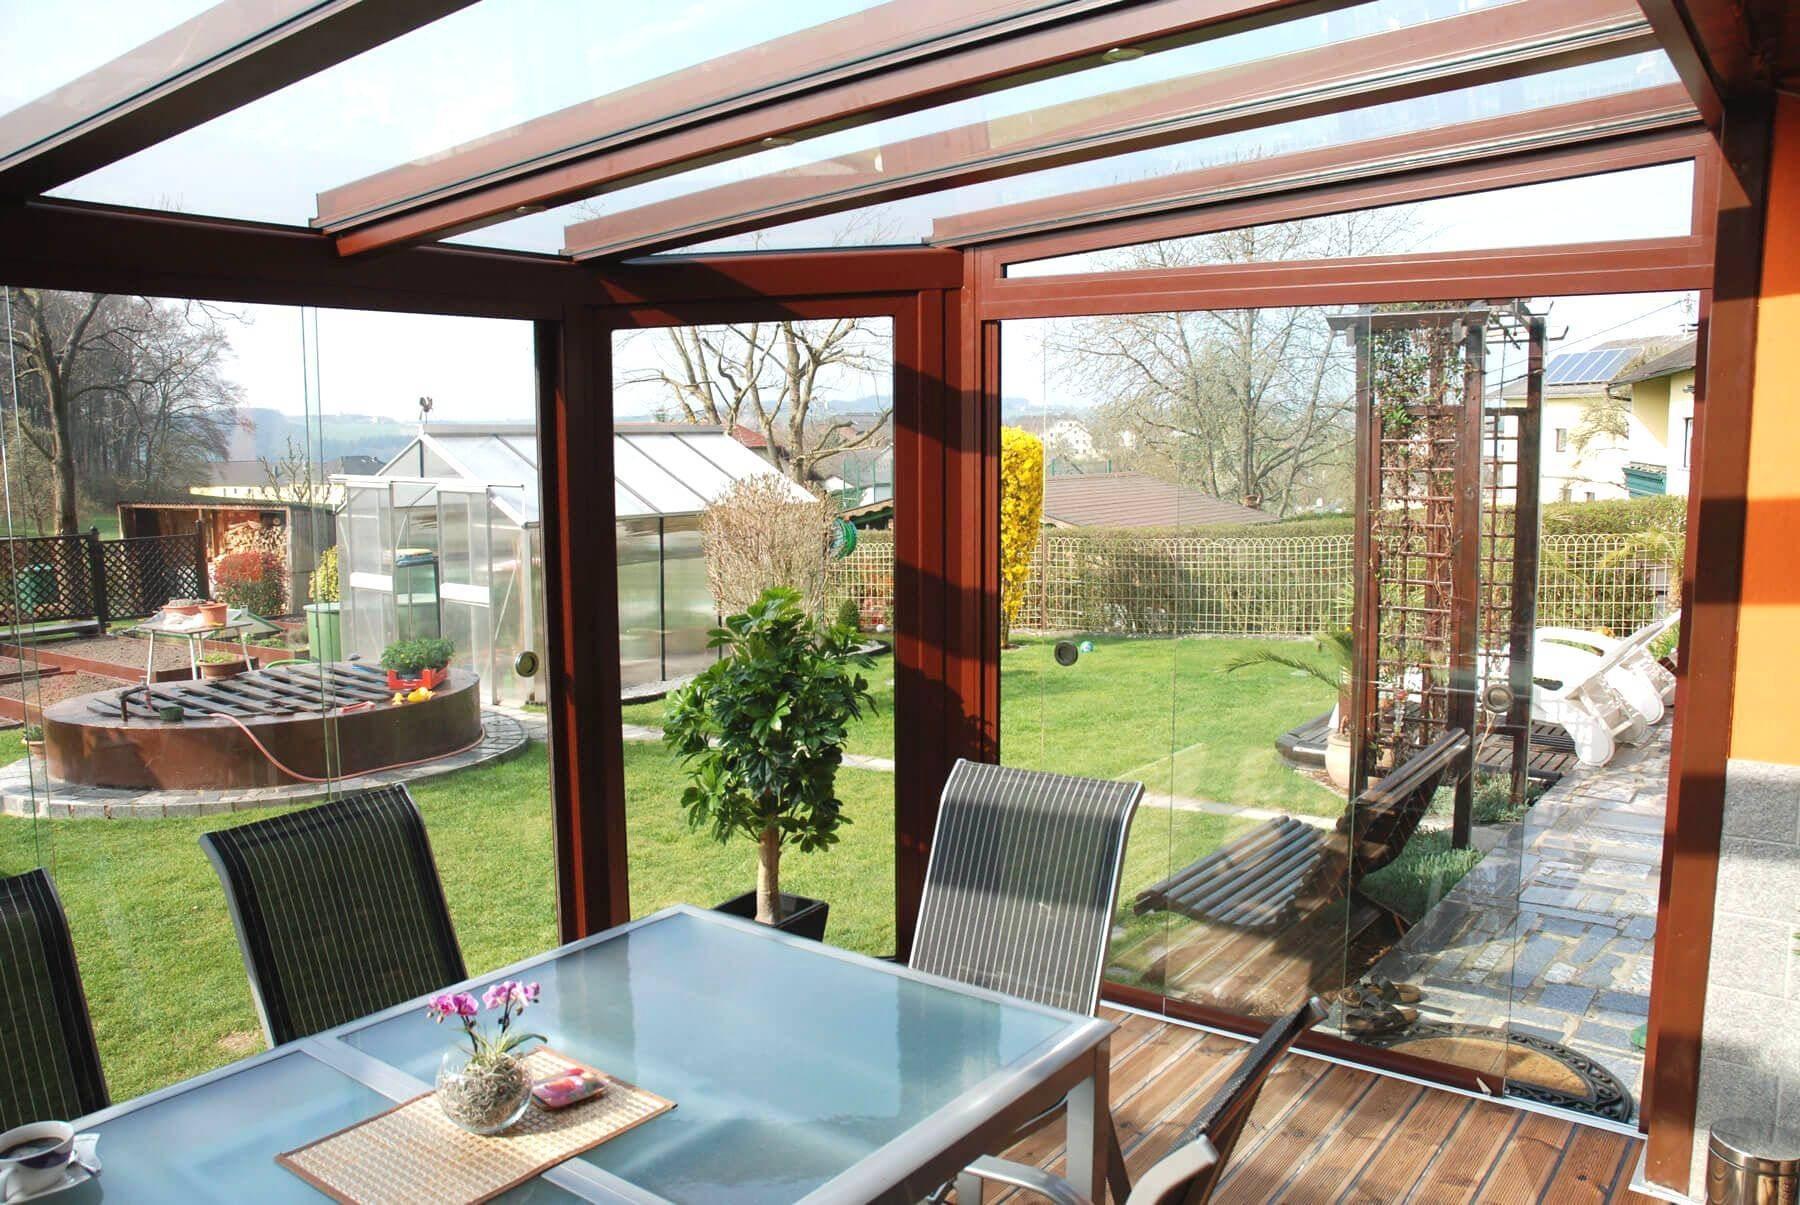 balkon mit blumen gestalten schn ideen terrasse design in der balkon mit blumen gestalten schon ideen terrasse design elegant garten of